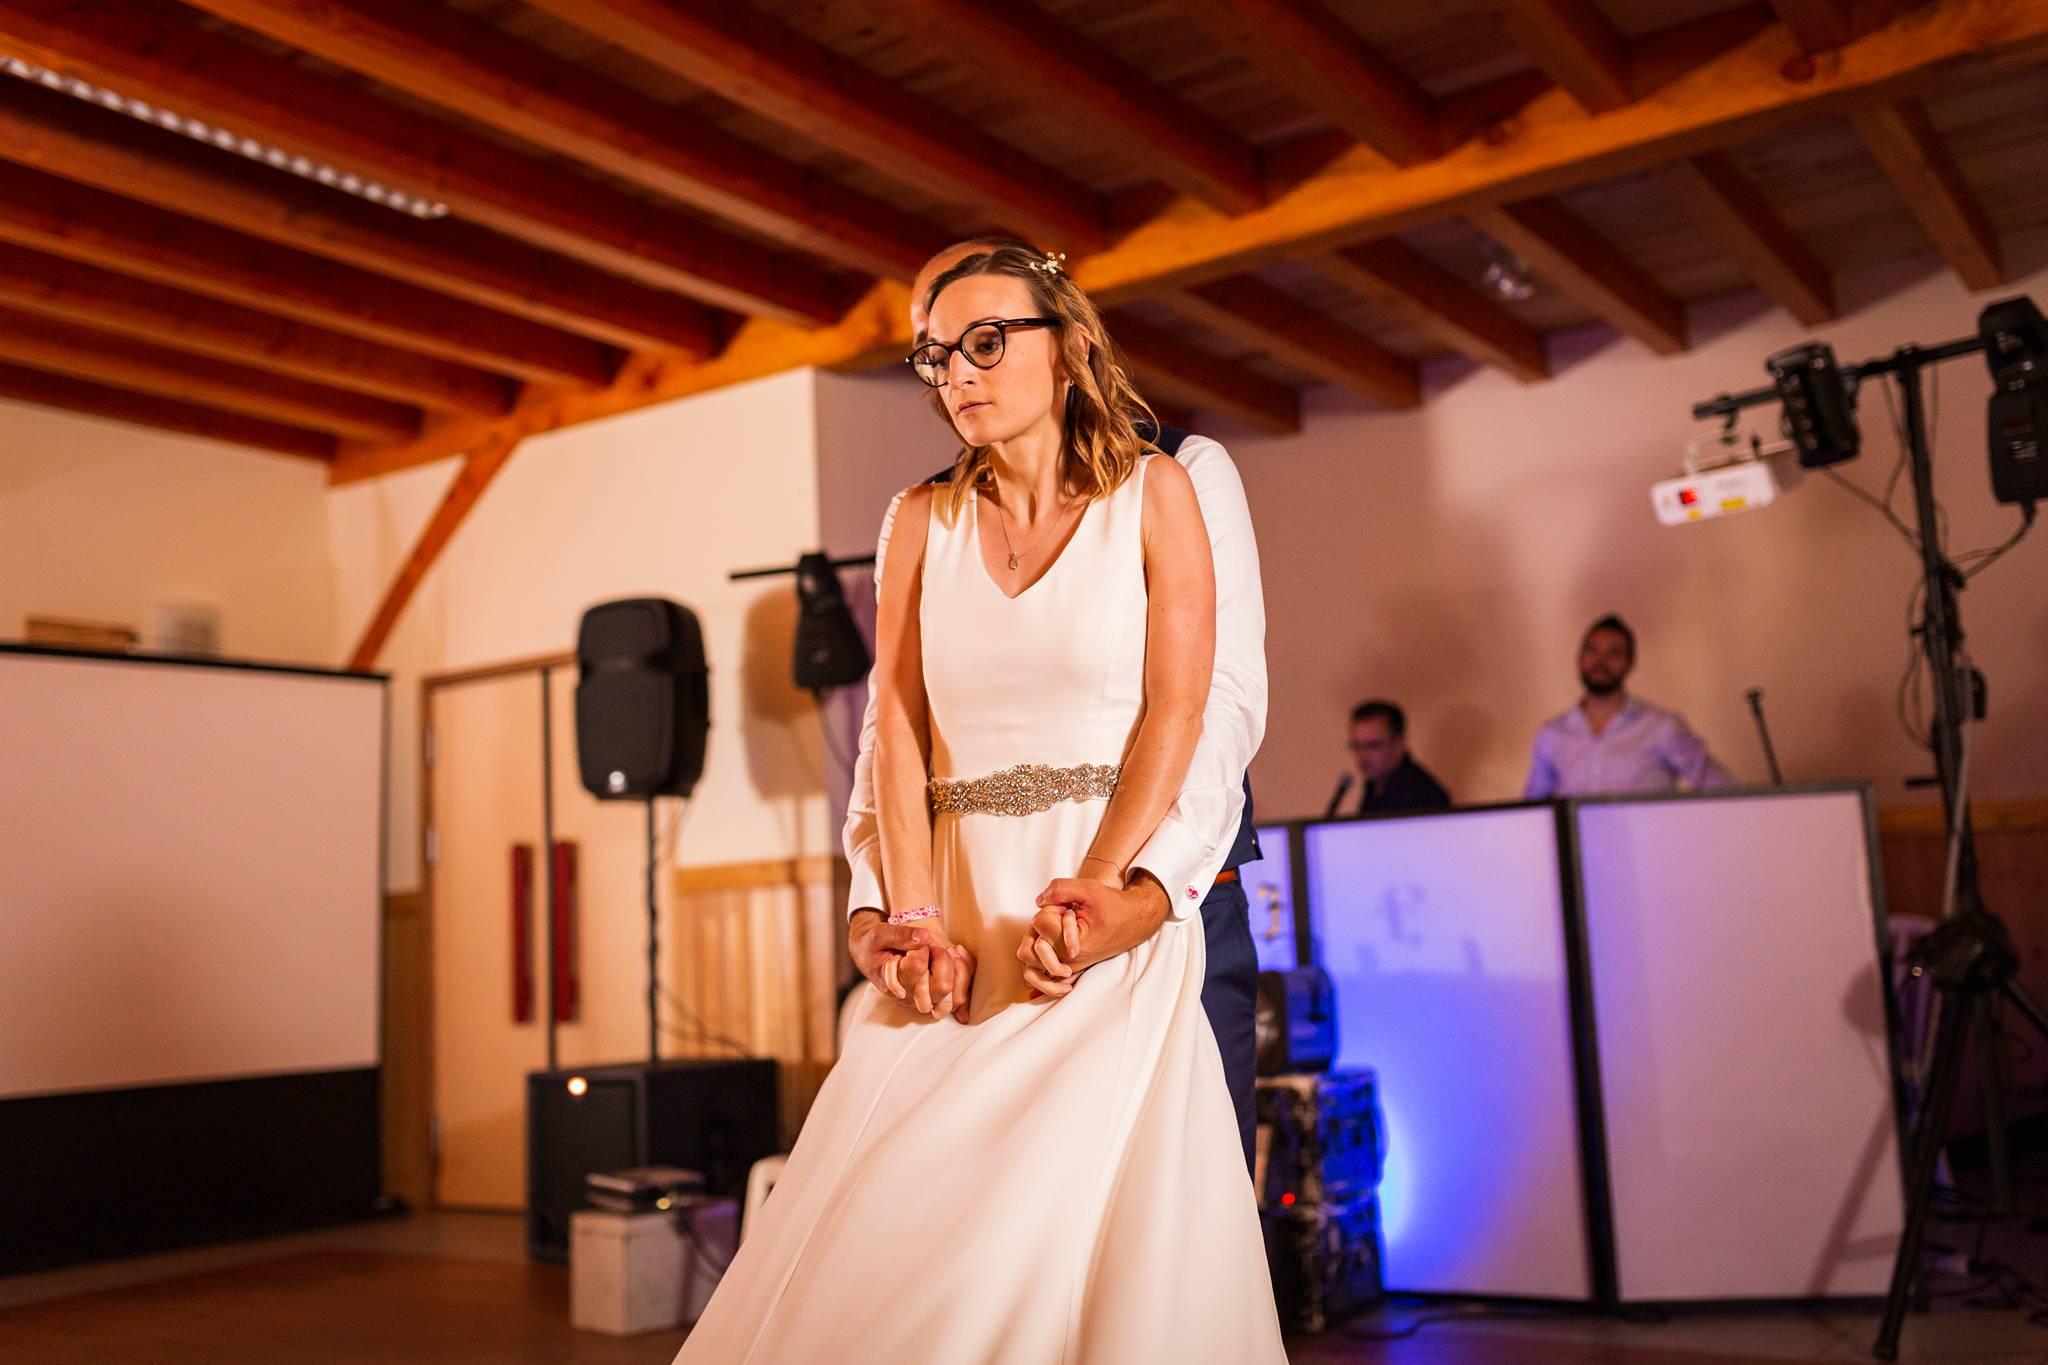 Reportage photos de mariage Zéro Déchets de Caroline et Yoann à Mios, Biganos, et à La Hesta de Biscarrosse.